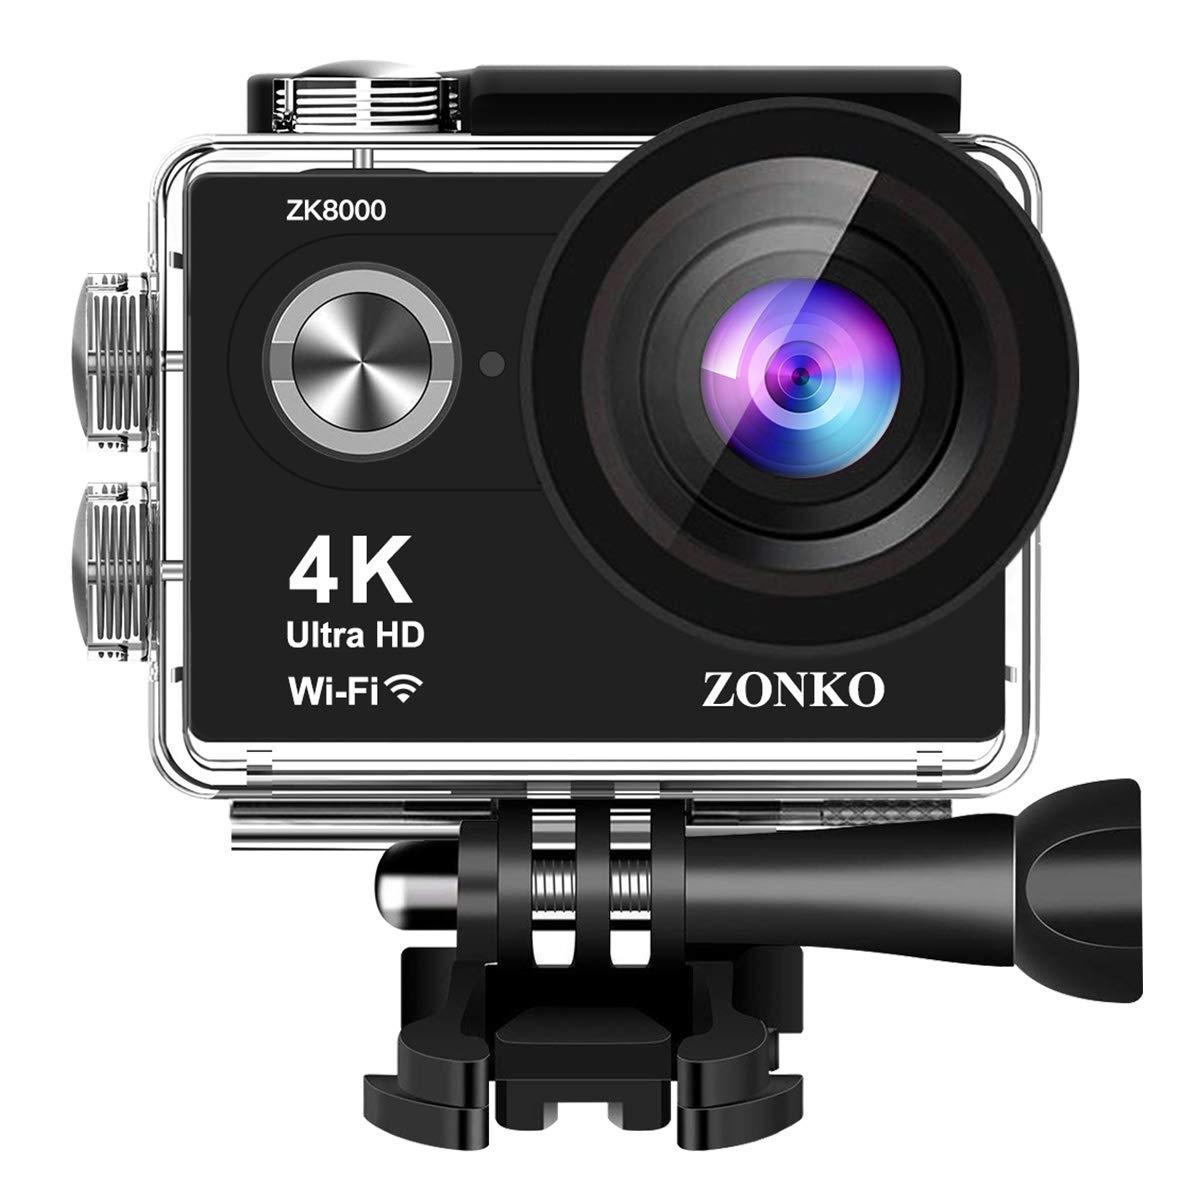 Action Kamera ZONKO 4k Sport Action Cam Wi-Fi 12MP Ultra HD 30M Unterwasserkamera 2 Zoll LCD 170°Weitwinkel Helmkamera mit 2 verbesserten Batterien und Zubehör Kits und Accessoires (Schwarz 4K) ZK8000